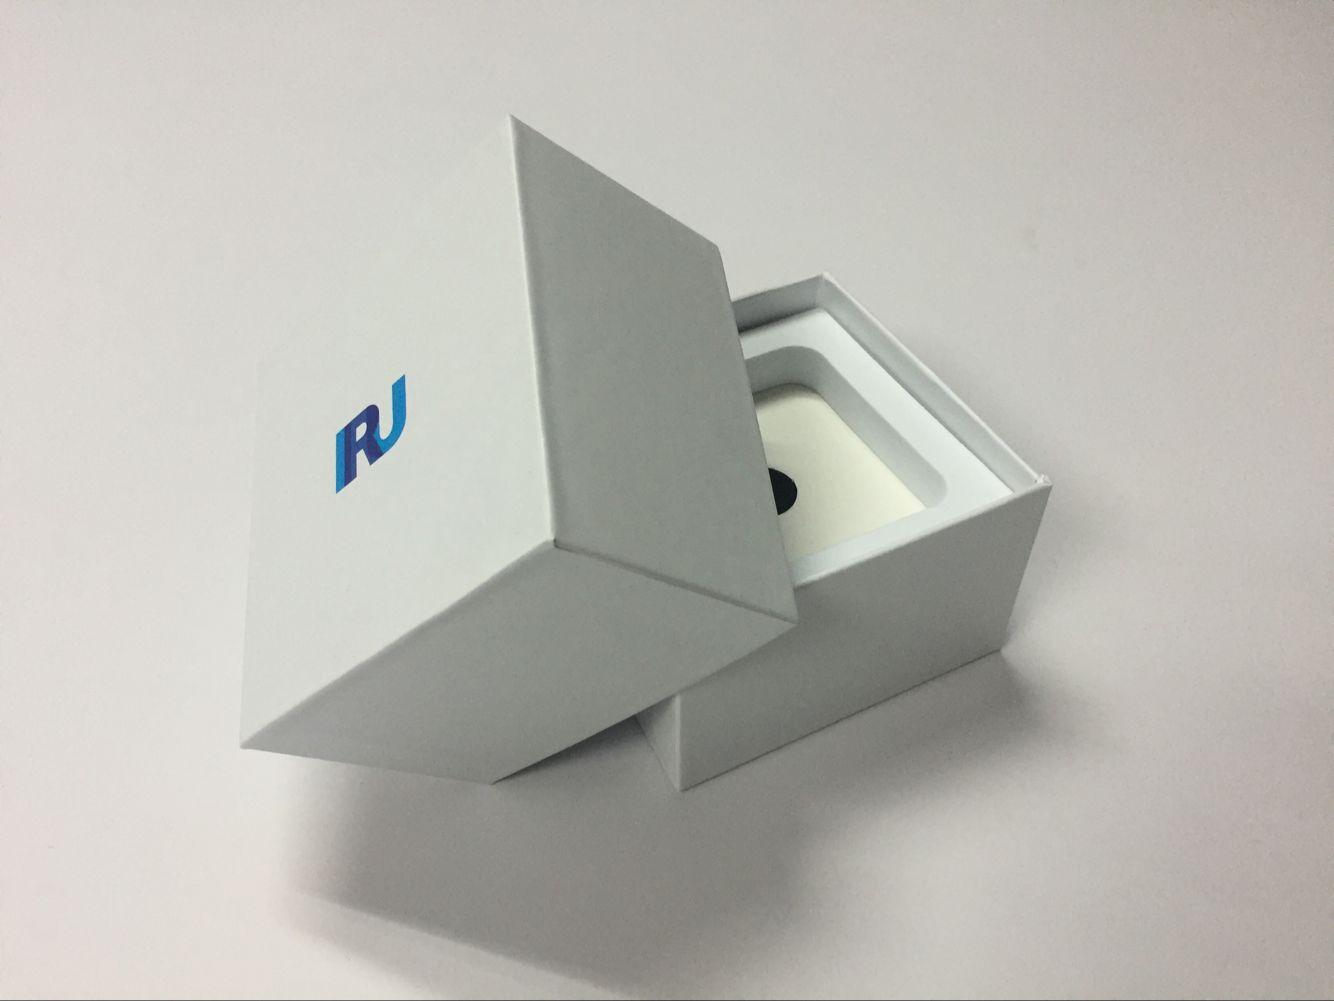 定做移动电源包装盒高档天地盖白色礼品盒充电宝套装礼盒定制批发